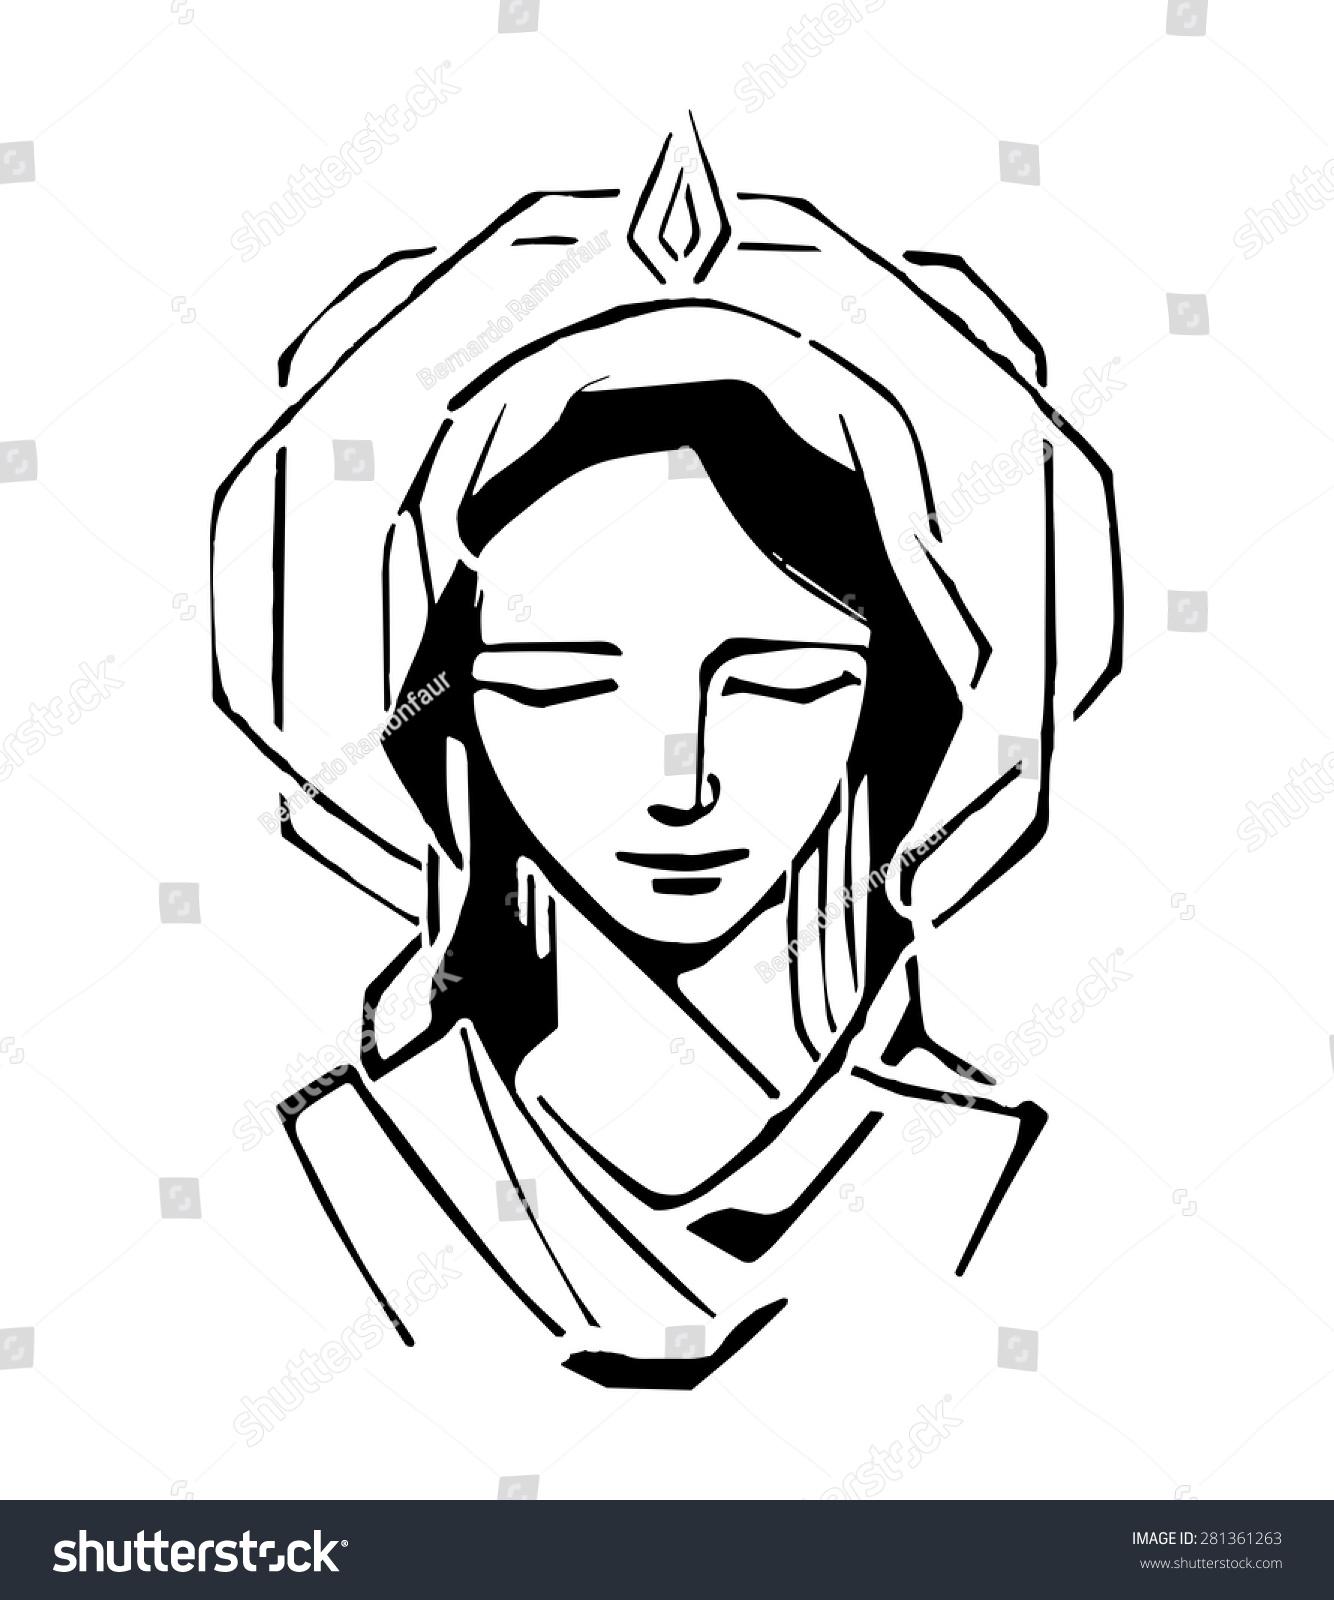 手绘矢量插图或画的圣母玛利亚在五旬节圣经-人物,-()